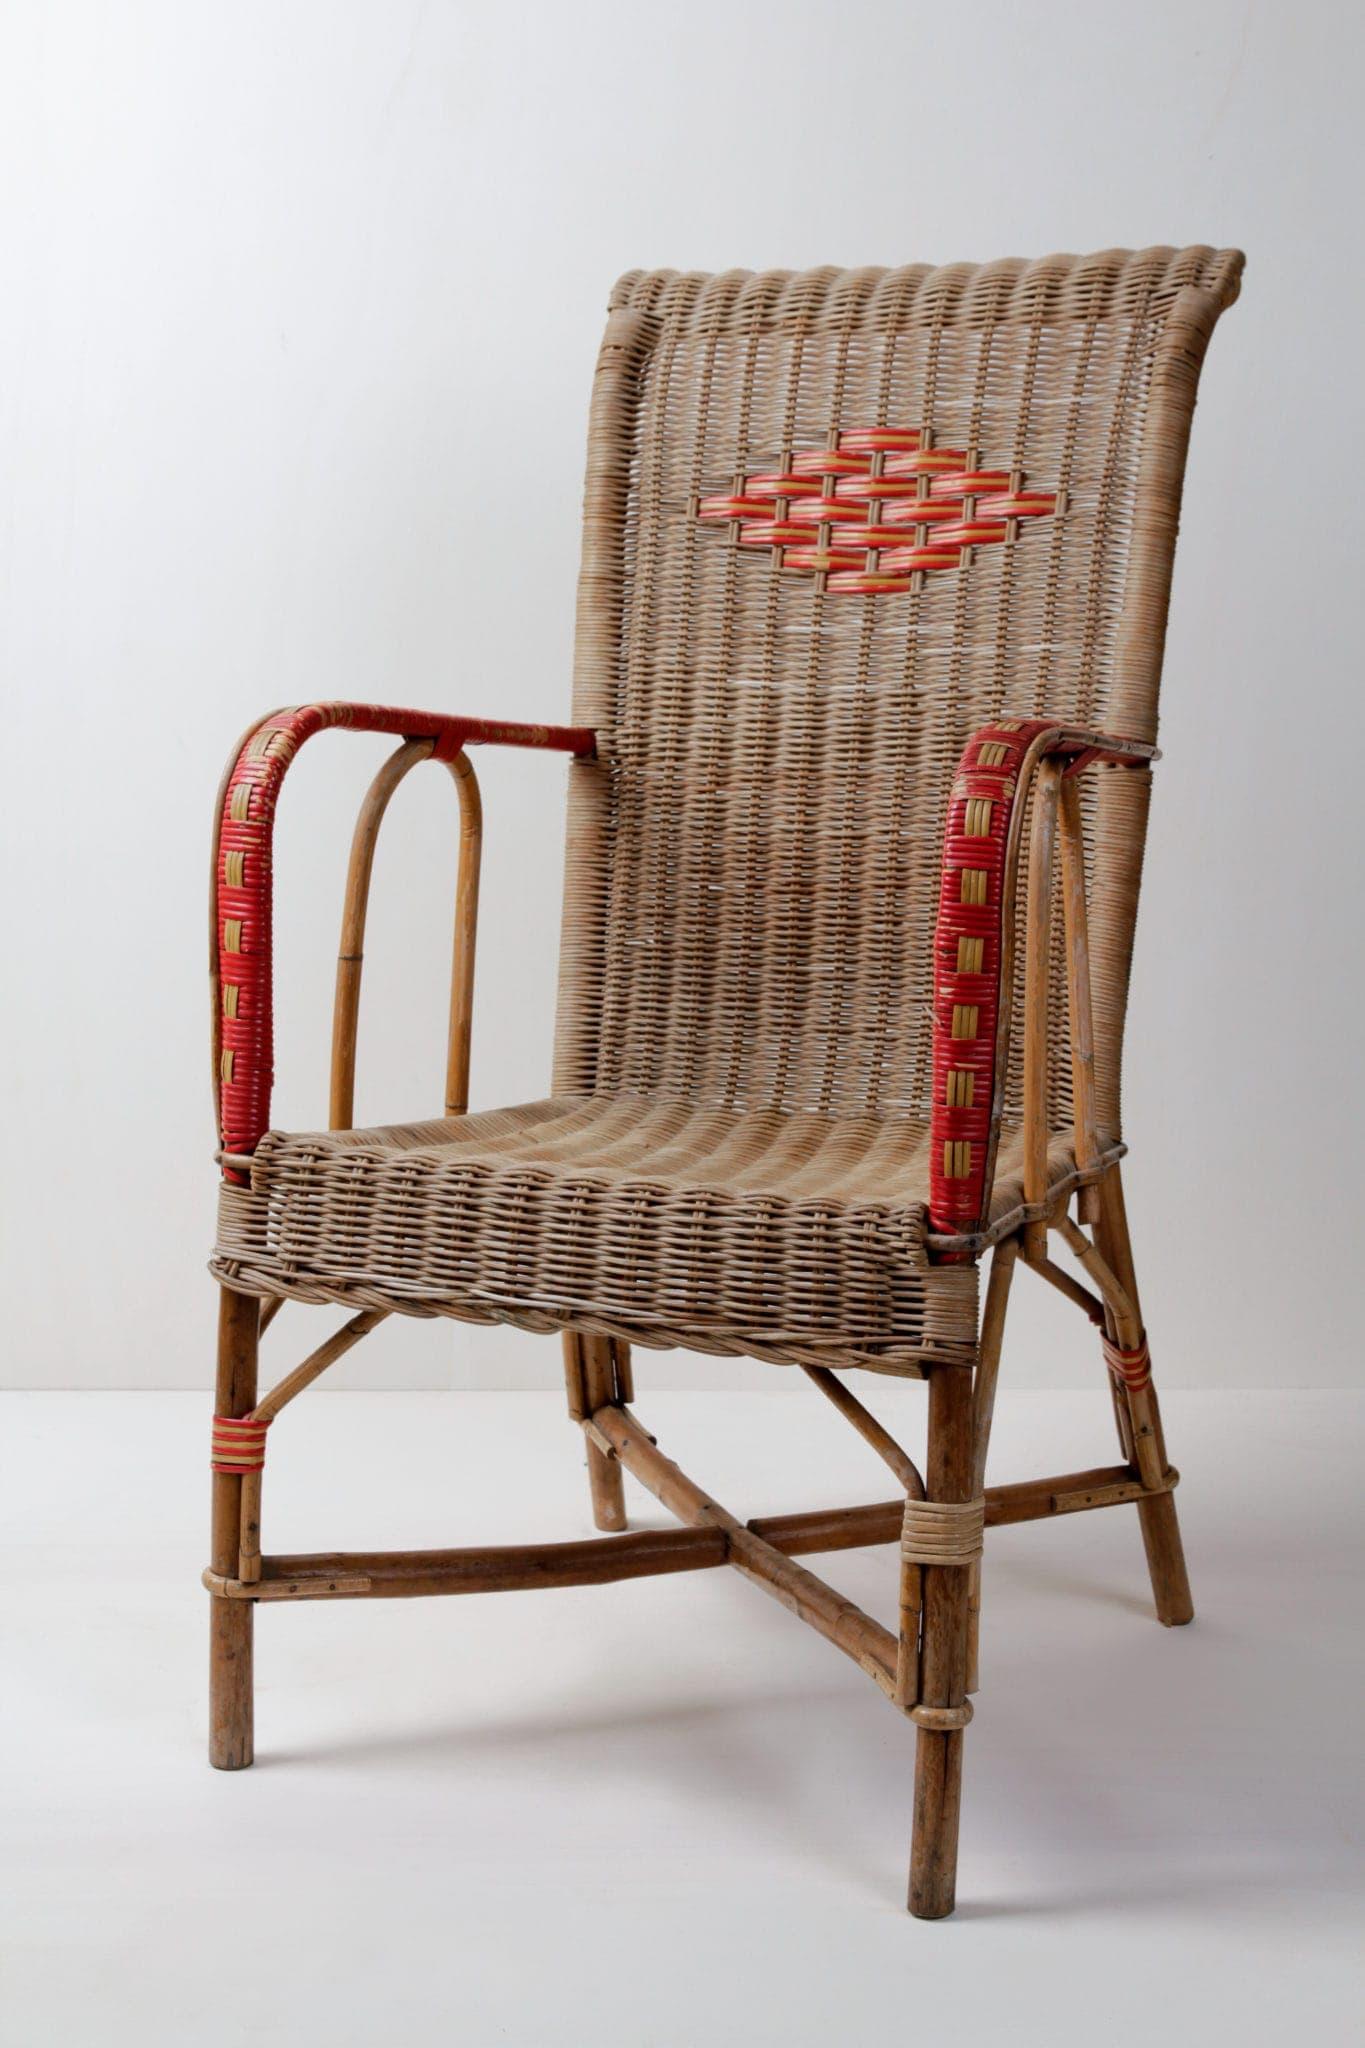 Stühle aus Metall, Rattan, Korb, Holz zu mieten